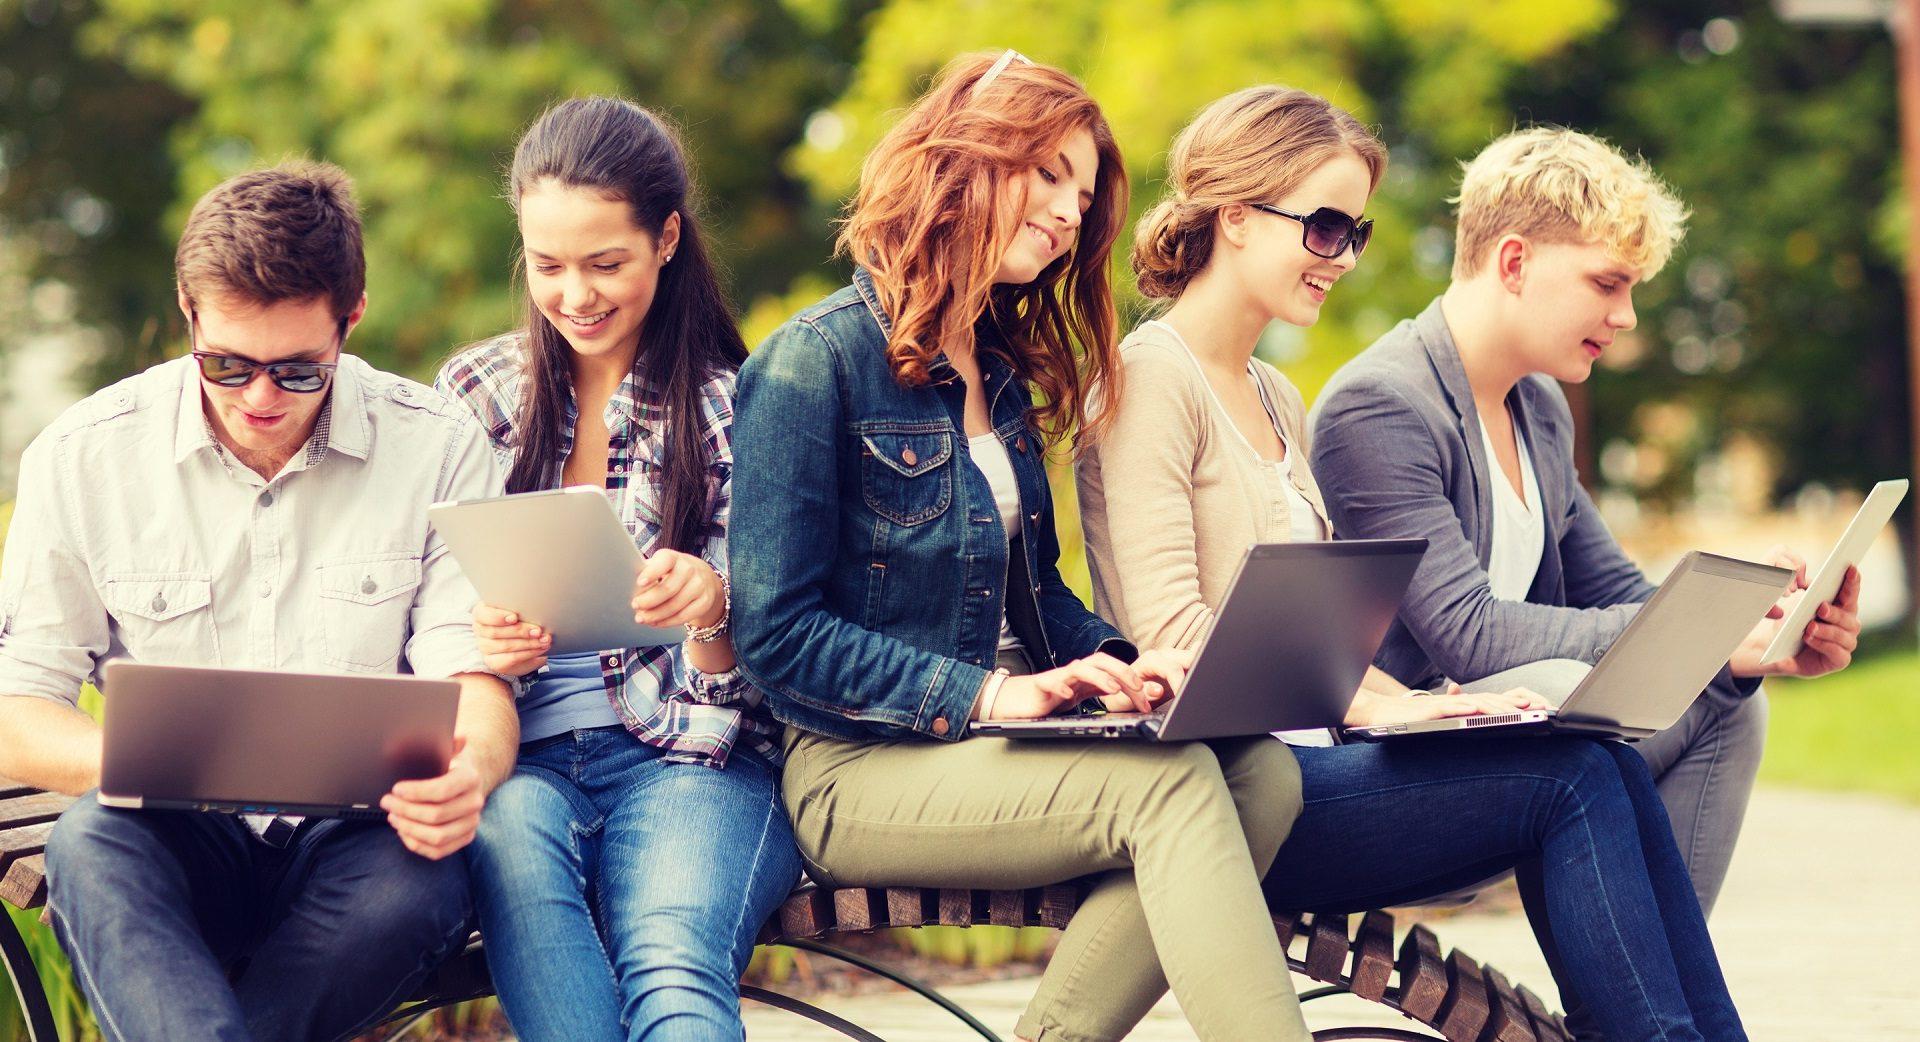 Studiare all'estero: 5 miti da sfatare